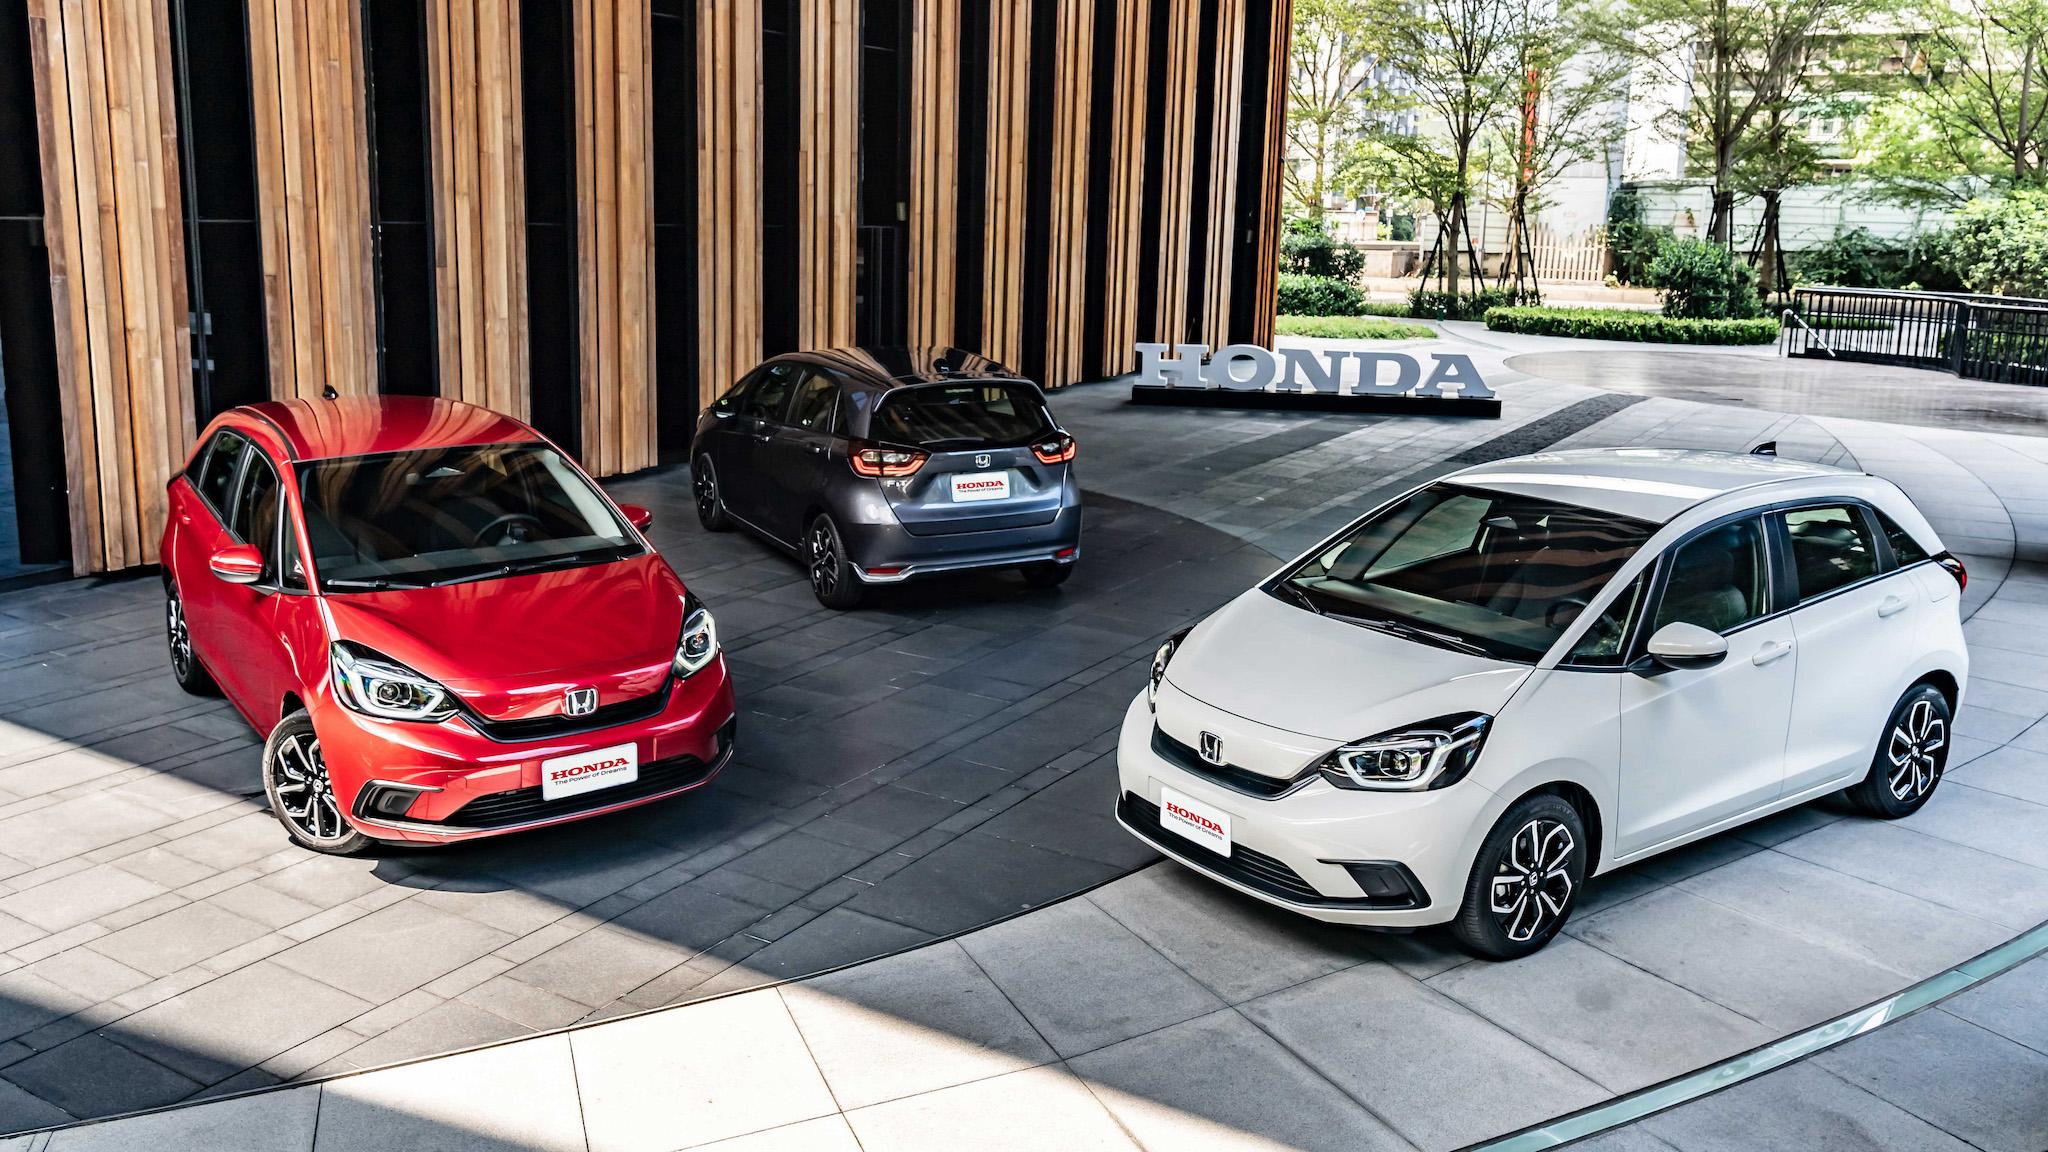 全新 Honda FIT 汽油版先登場 74.9 萬比預售更便宜